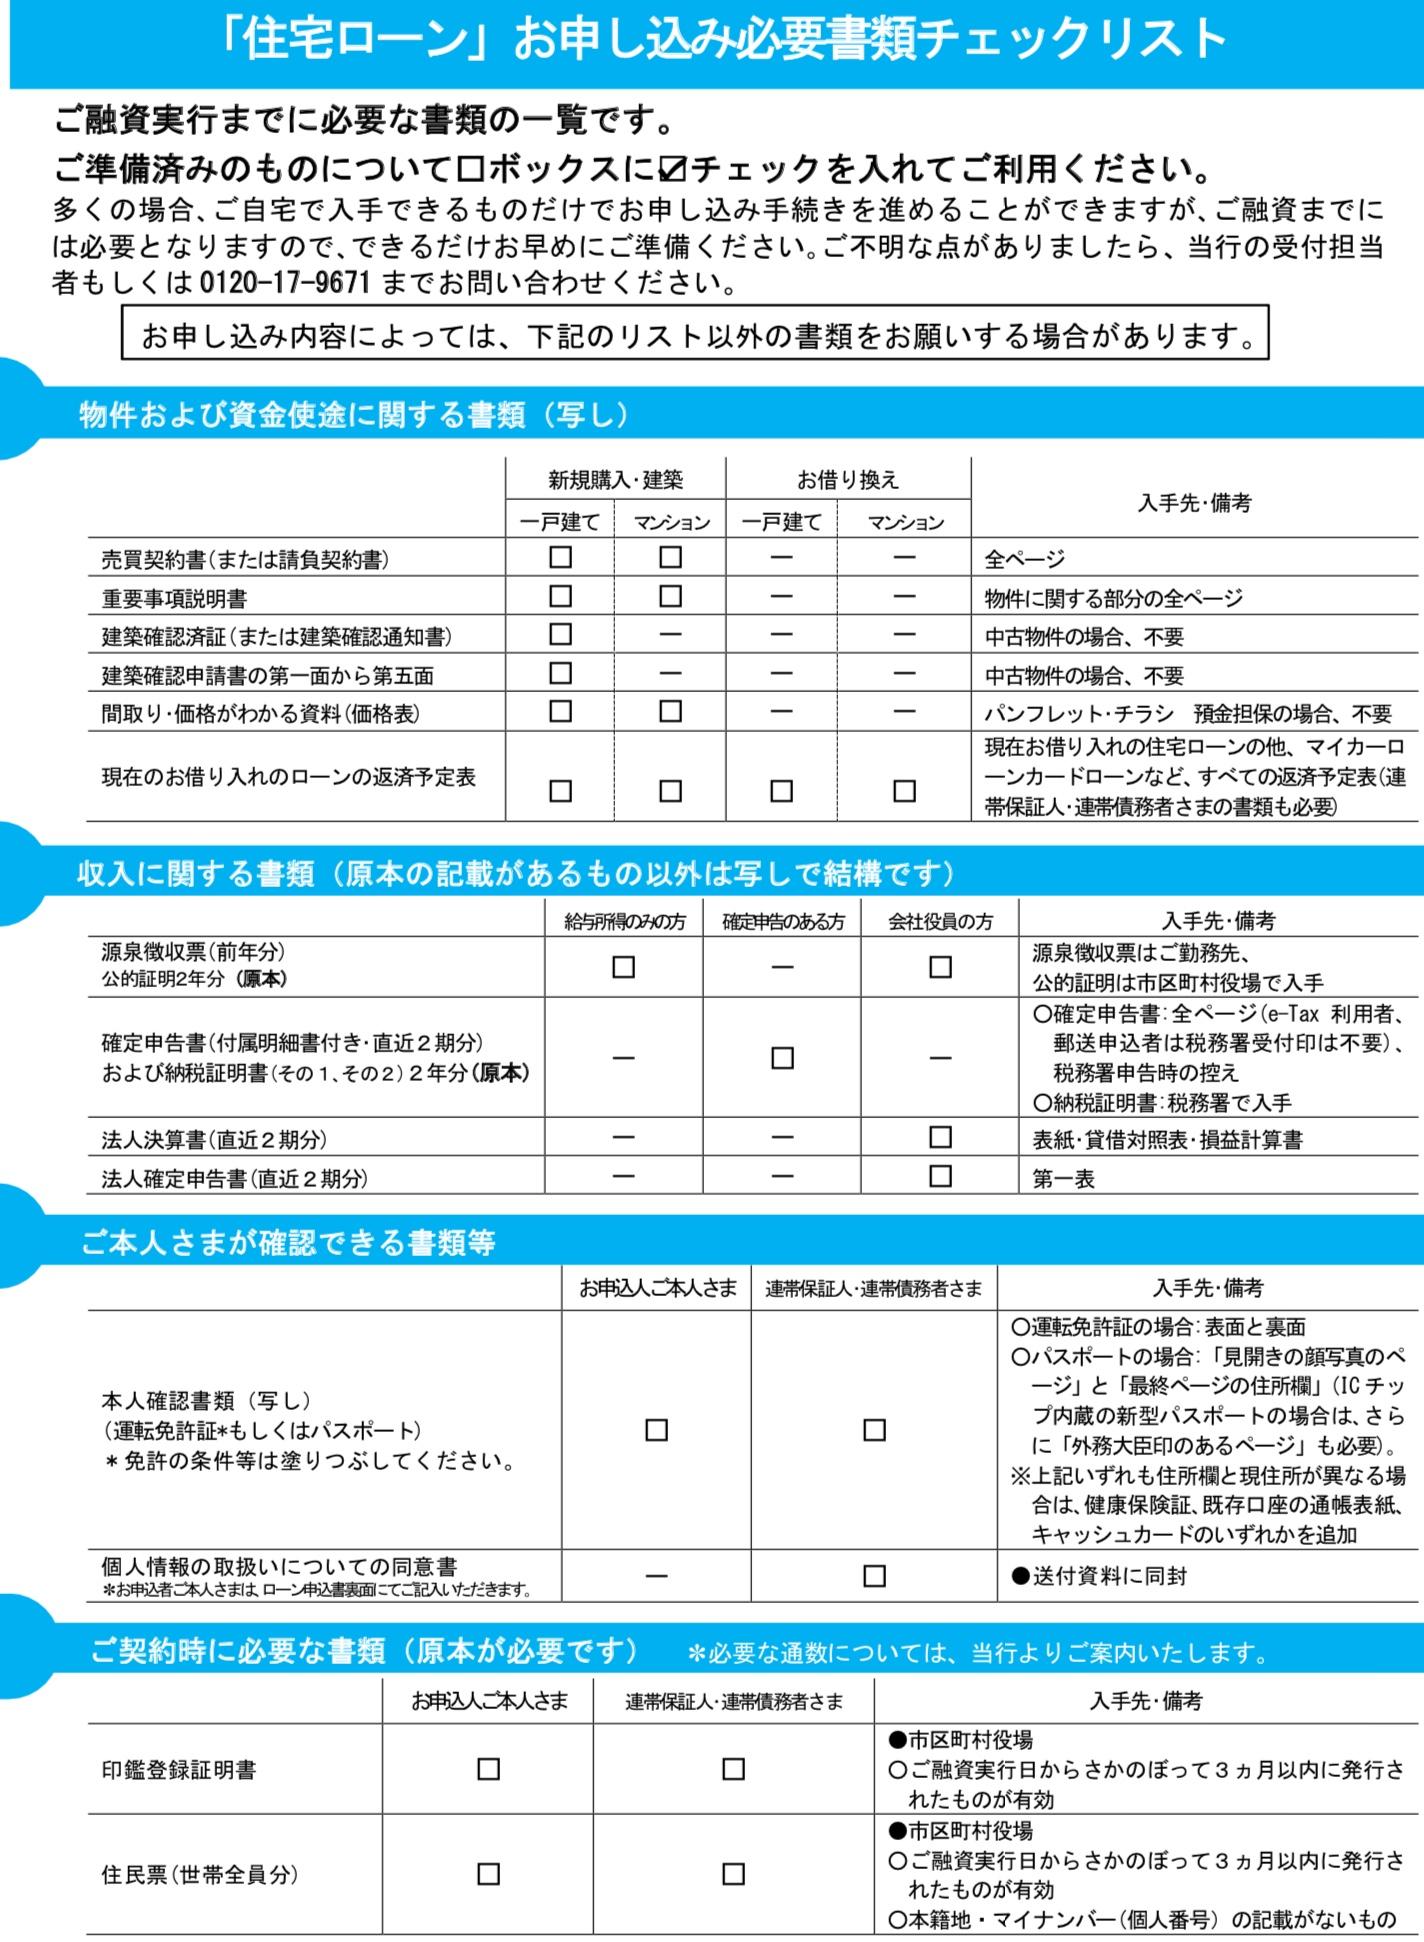 3AD8F3A1-66EC-468E-94D4-710128F73AD9